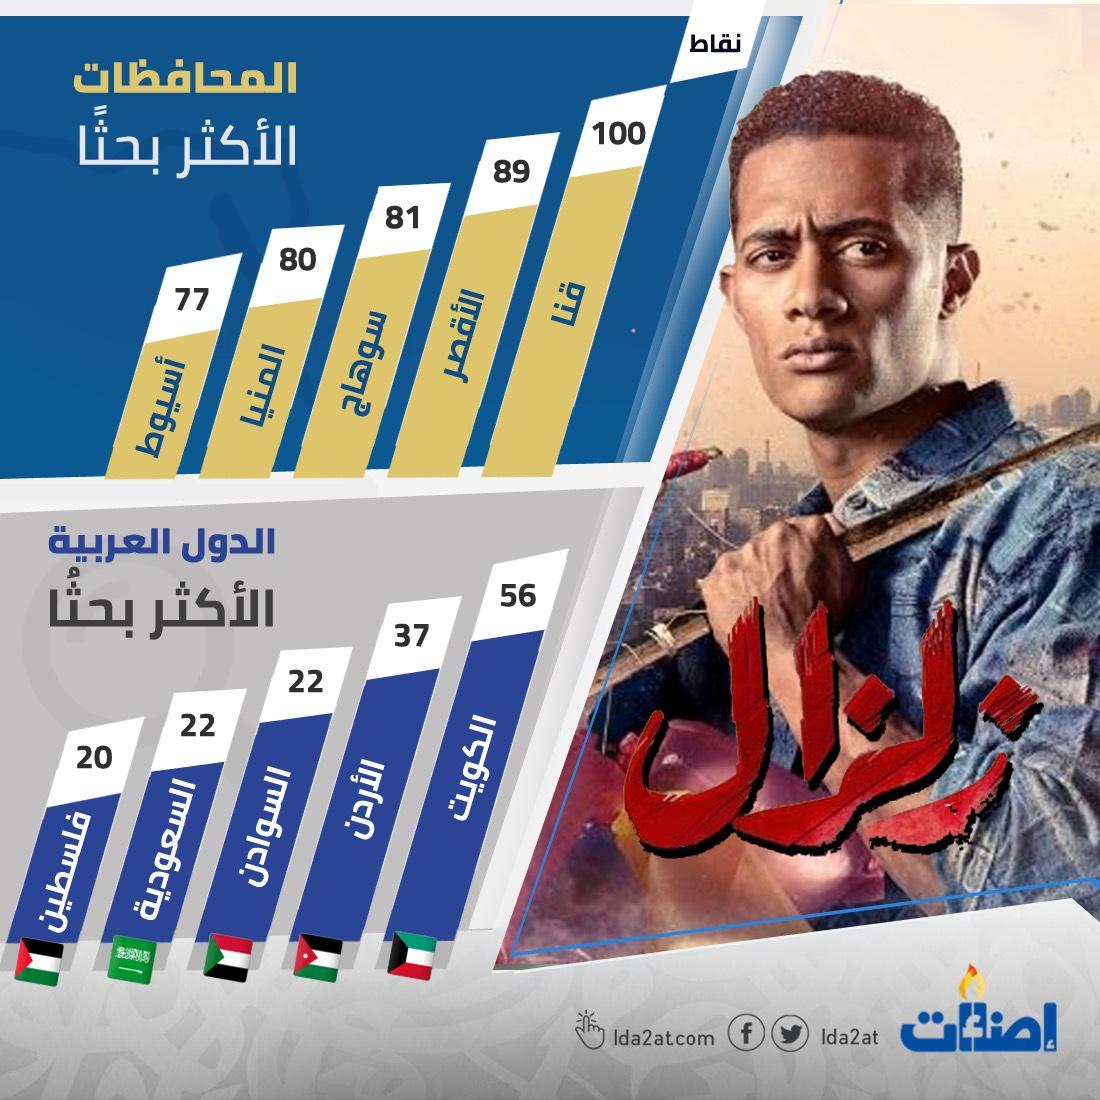 زلزال، محمد رمضان، مسلسل زلزال، عبد الرحيم كمال، حلا شيحة، ماجد المصري، سنيرجي، تامر مرسي